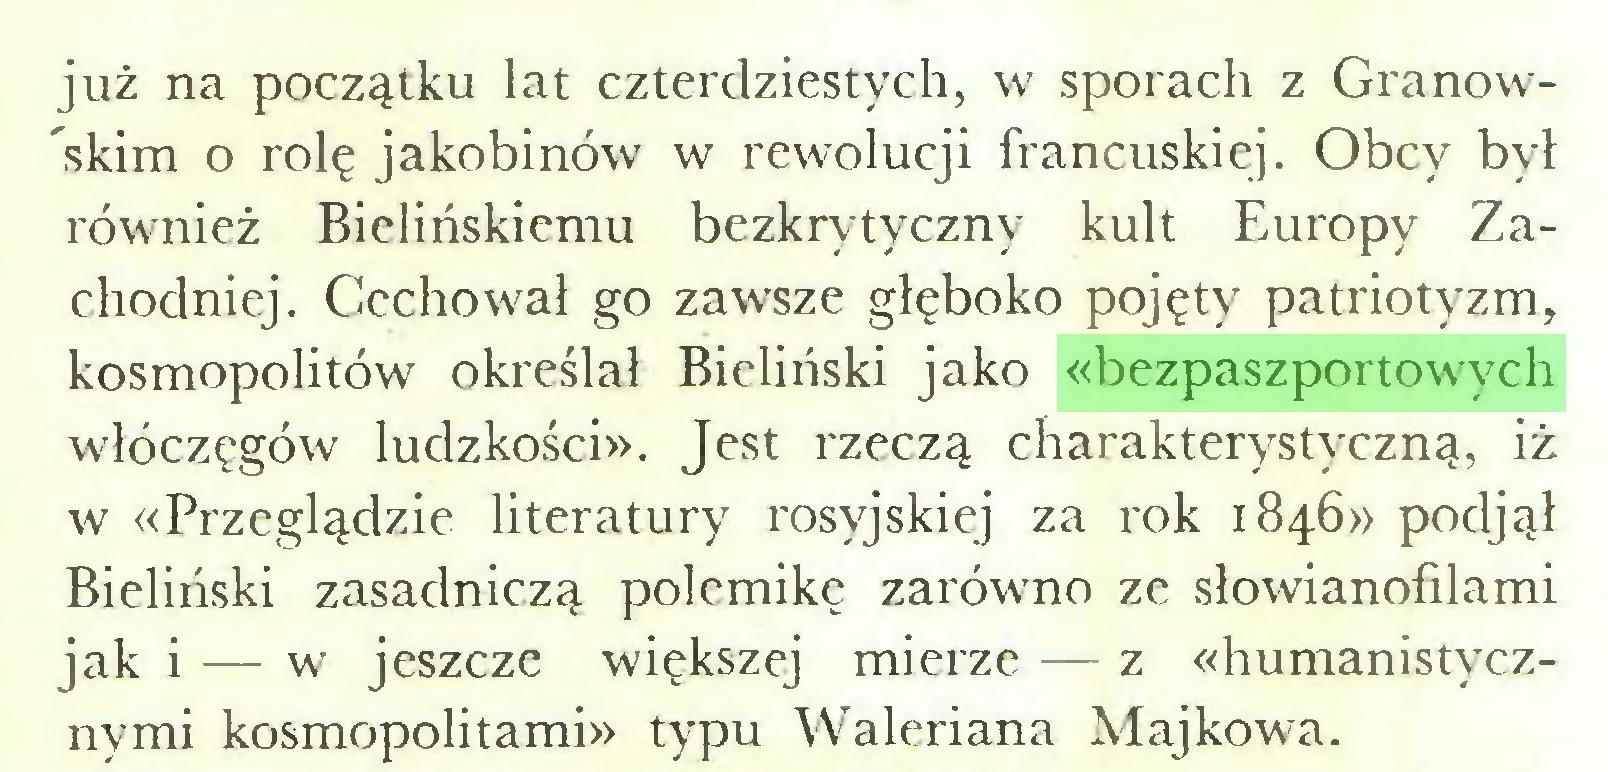 (...) już na początku lat czterdziestych, w sporach z Grano w'skim o rolę jakobinów w rewolucji francuskiej. Obcy był również Bielińskiemu bezkrytyczny kult Europy Zachodniej. Cechował go zawsze głęboko pojęty patriotyzm, kosmopolitów określał Bieliński jako «bezpaszportowych włóczęgów ludzkości». Jest rzeczą charakterystyczną, iż w «Przeglądzie literatury rosyjskiej za rok 1846» podjął Bieliński zasadniczą polemikę zarówno ze słowianofilami jak i — w jeszcze większej mierze — z «humanistycznymi kosmopolitami» typu Waleriana Majkowa...